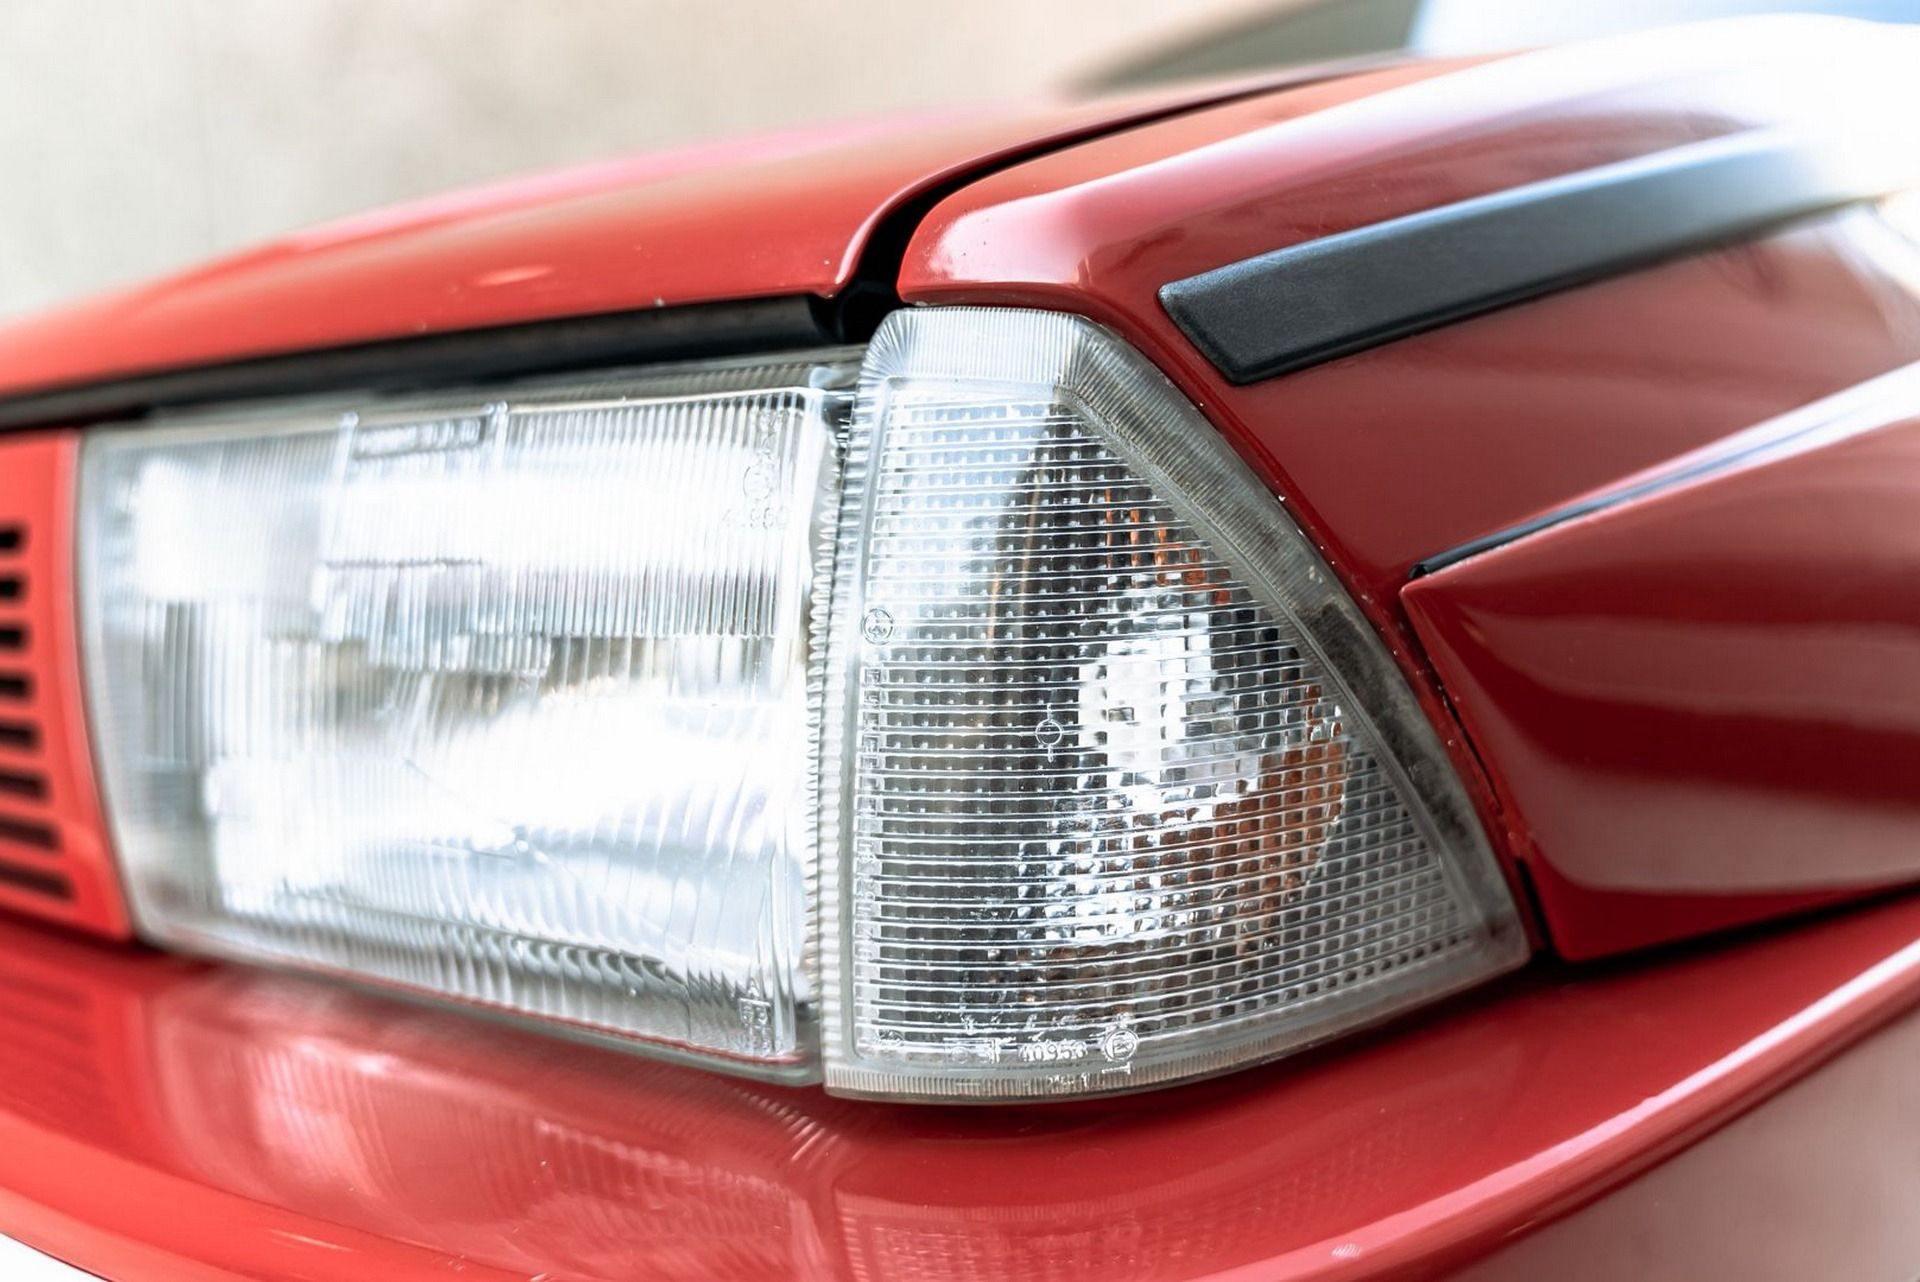 1987_Alfa_Romeo_75_Turbo_Evoluzione_sale-0001